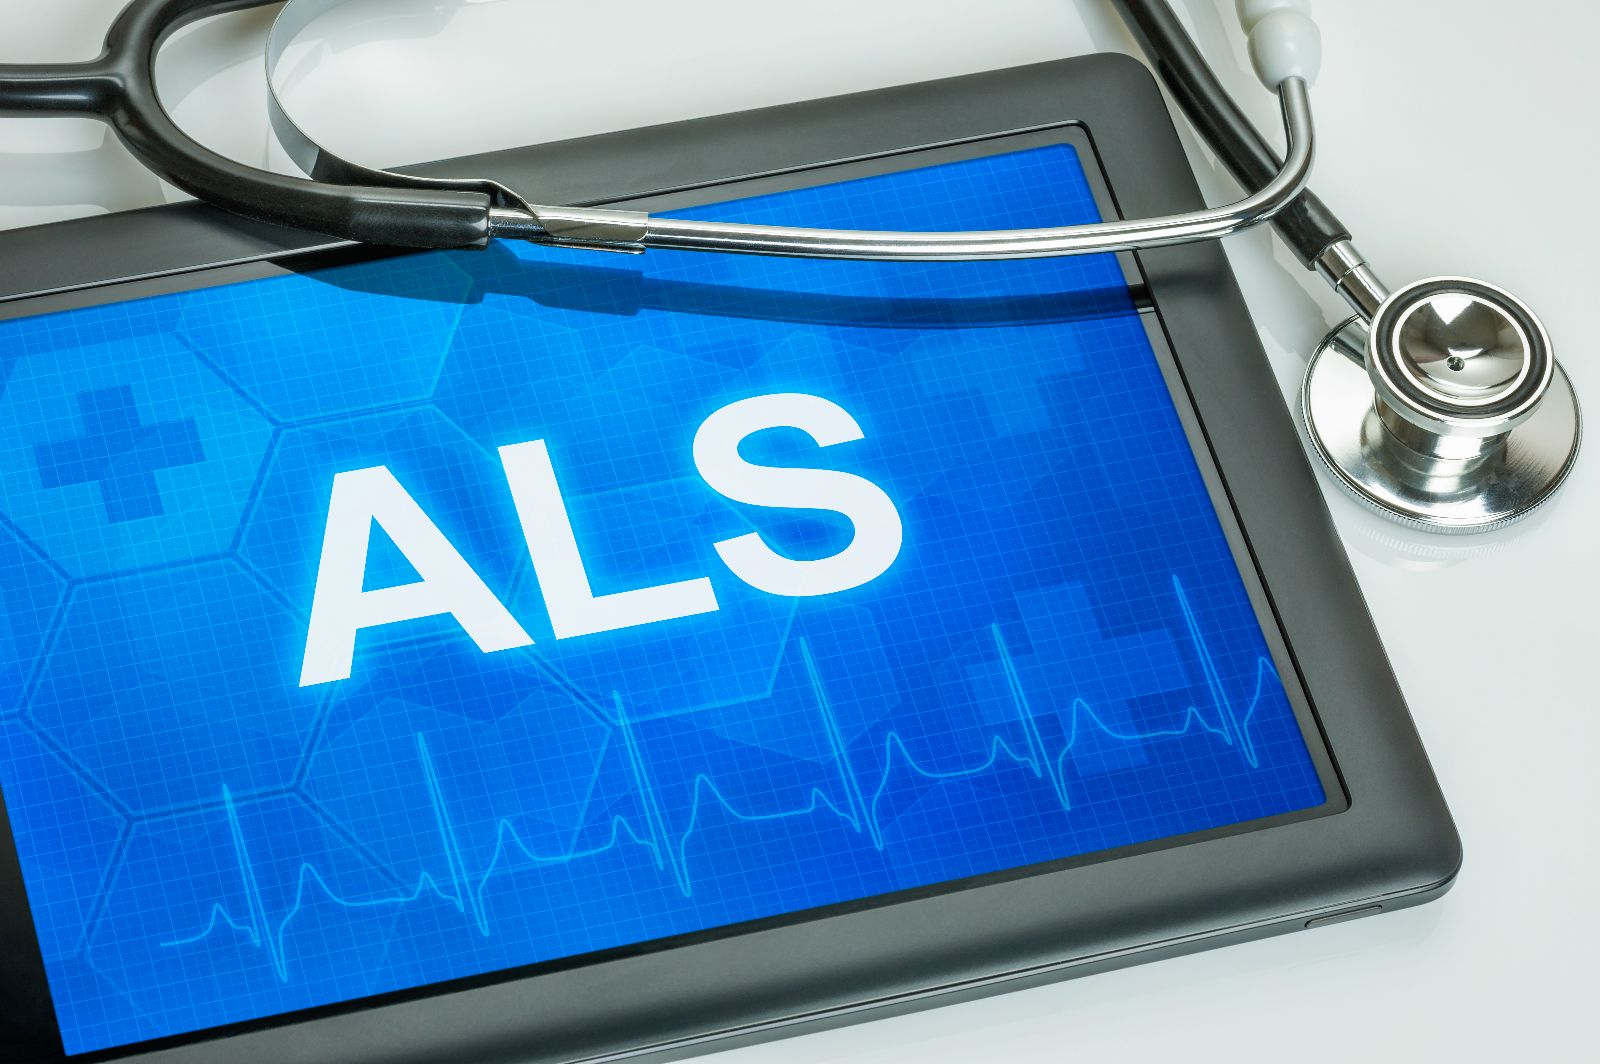 Computadora Tablet co la palabra ALS